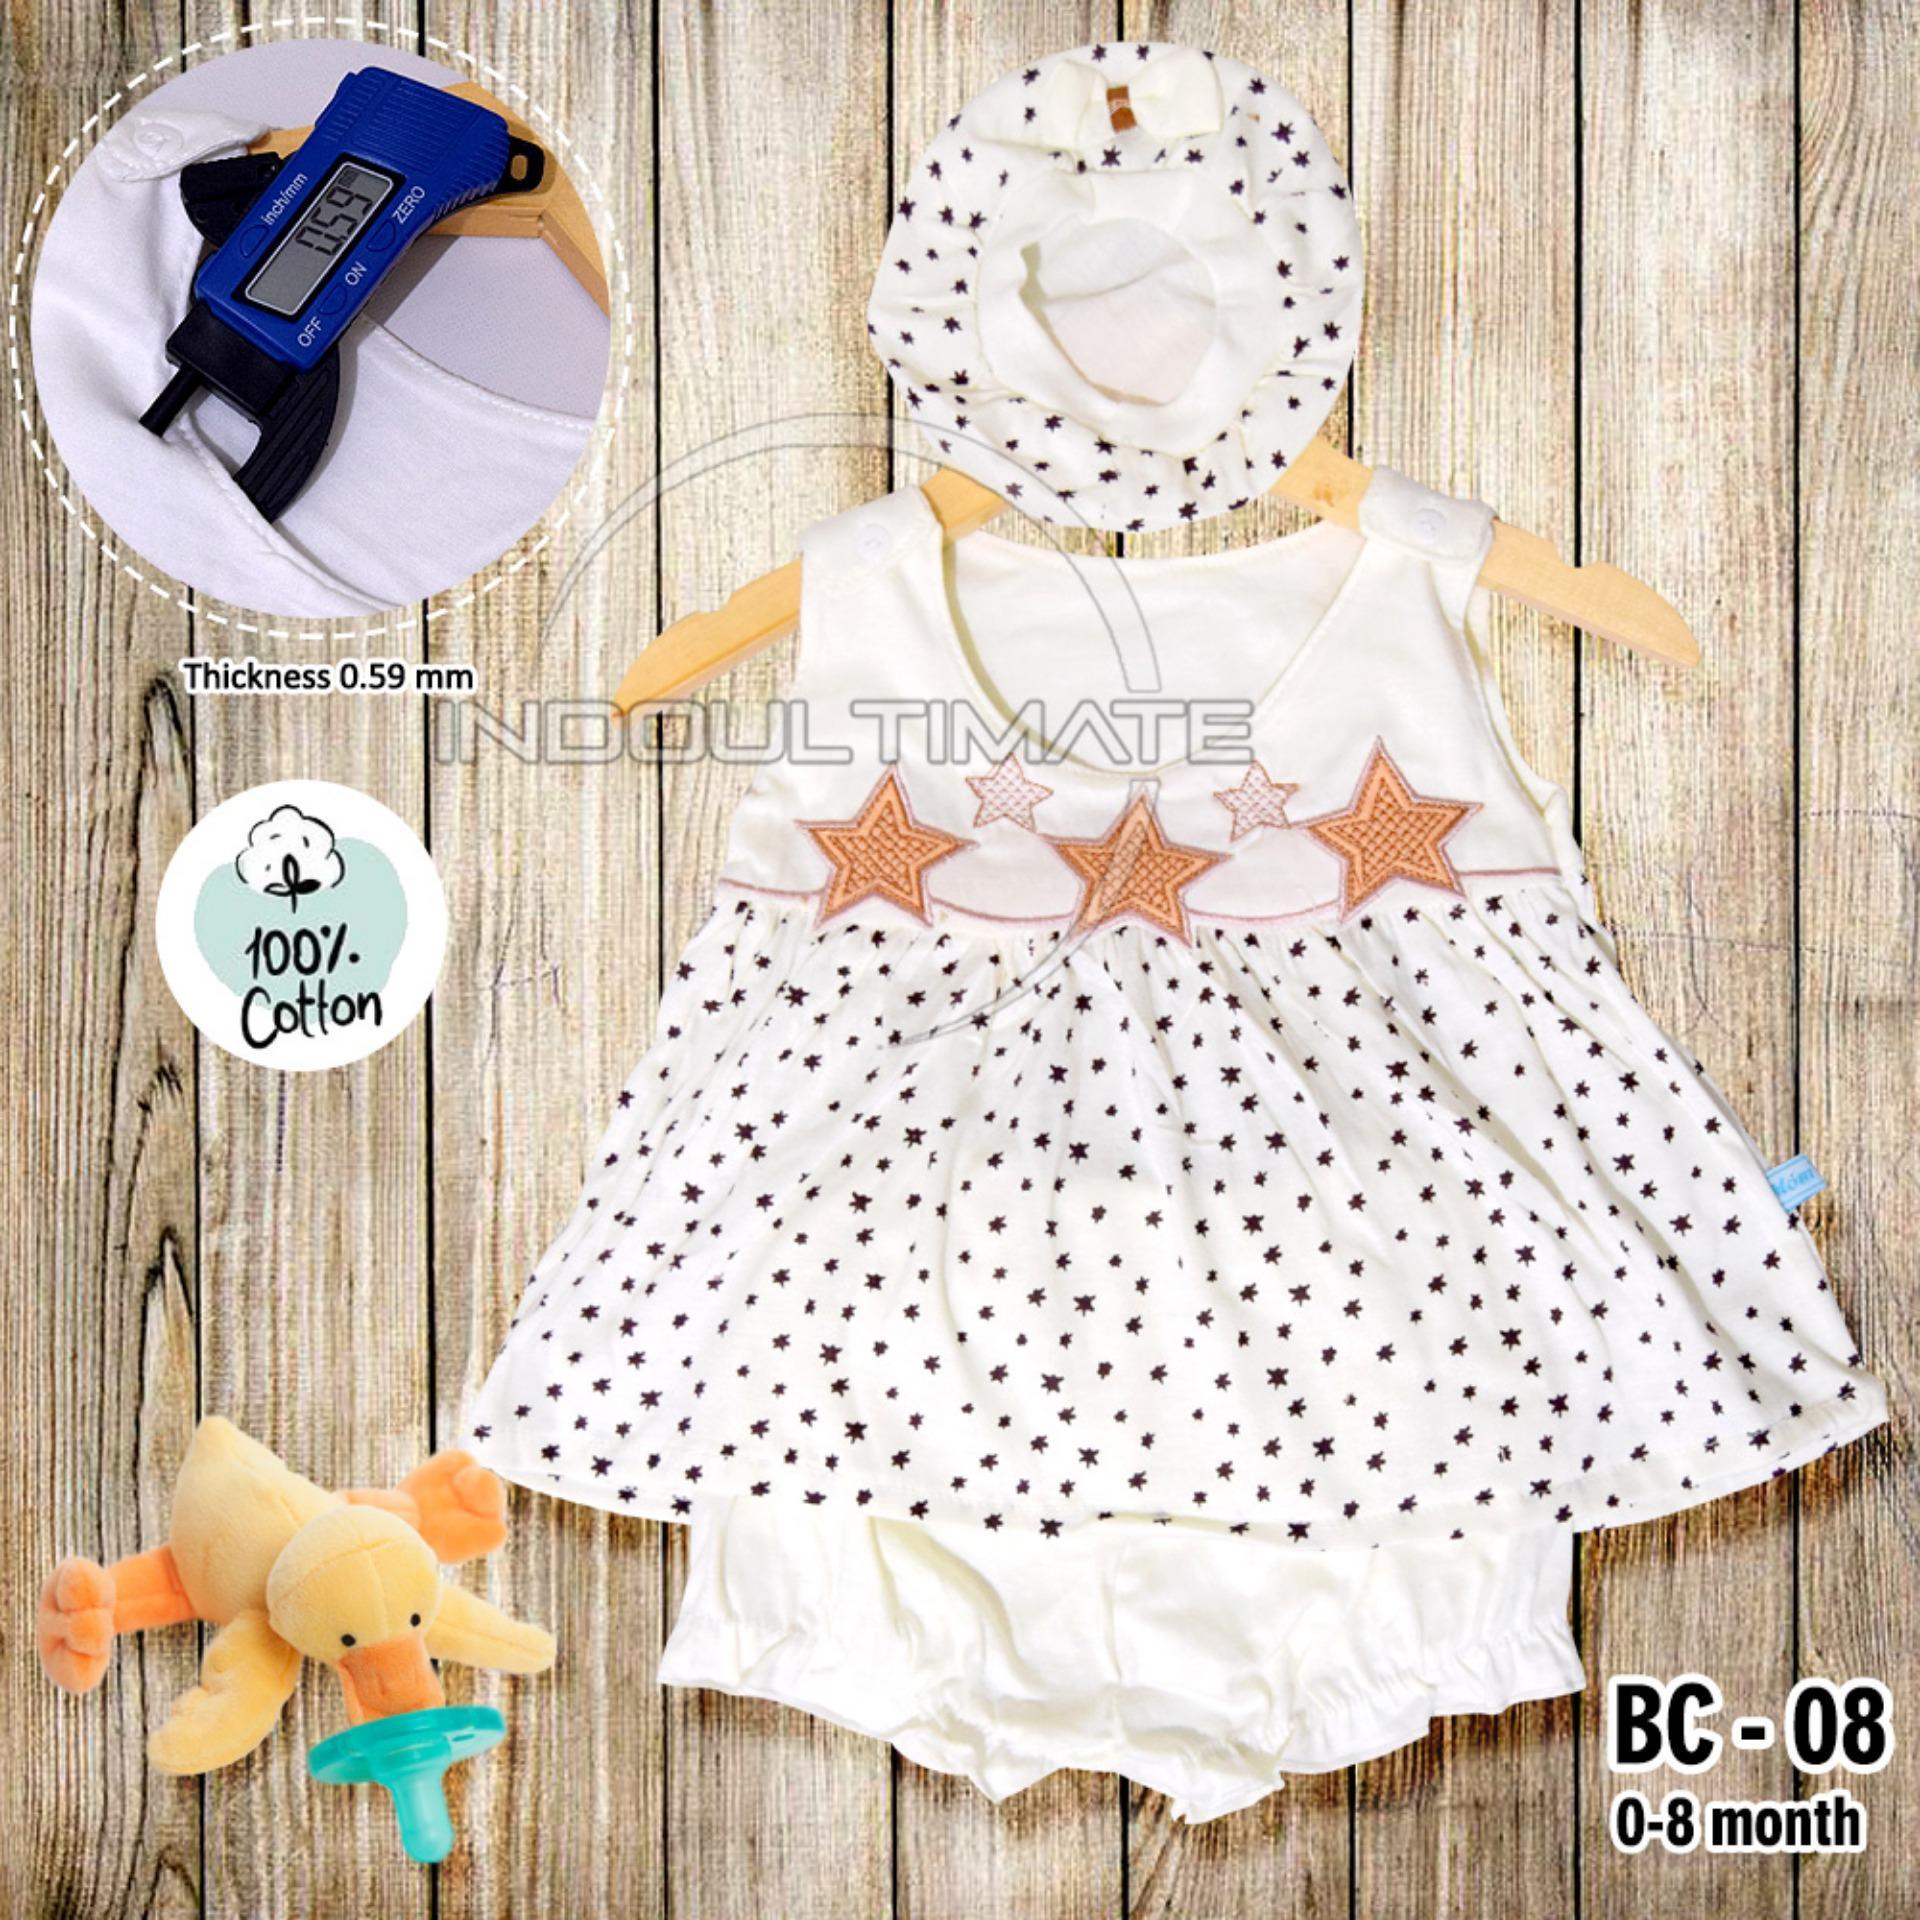 Setelan Baju Baby Cewek / Pakaian Baby Cewek / BY BC-08 BAJU BABY CEWEK SATU SET + TOPI (Random)